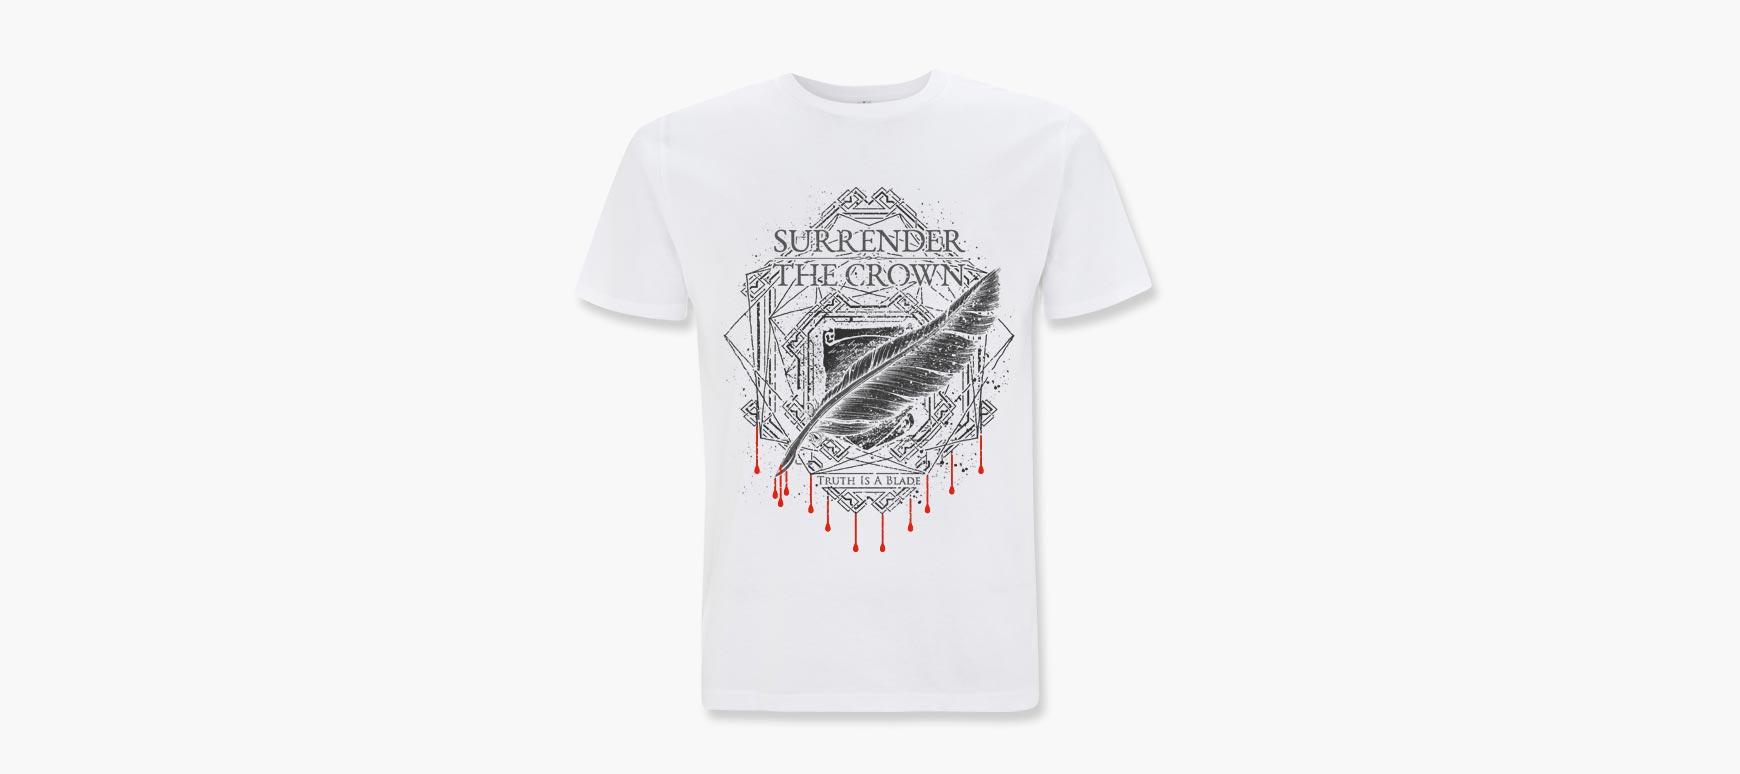 Band Merchandise und Band T-Shirts drucken ab 2,63€   MONSTERMERCH.de eeb8c07b89